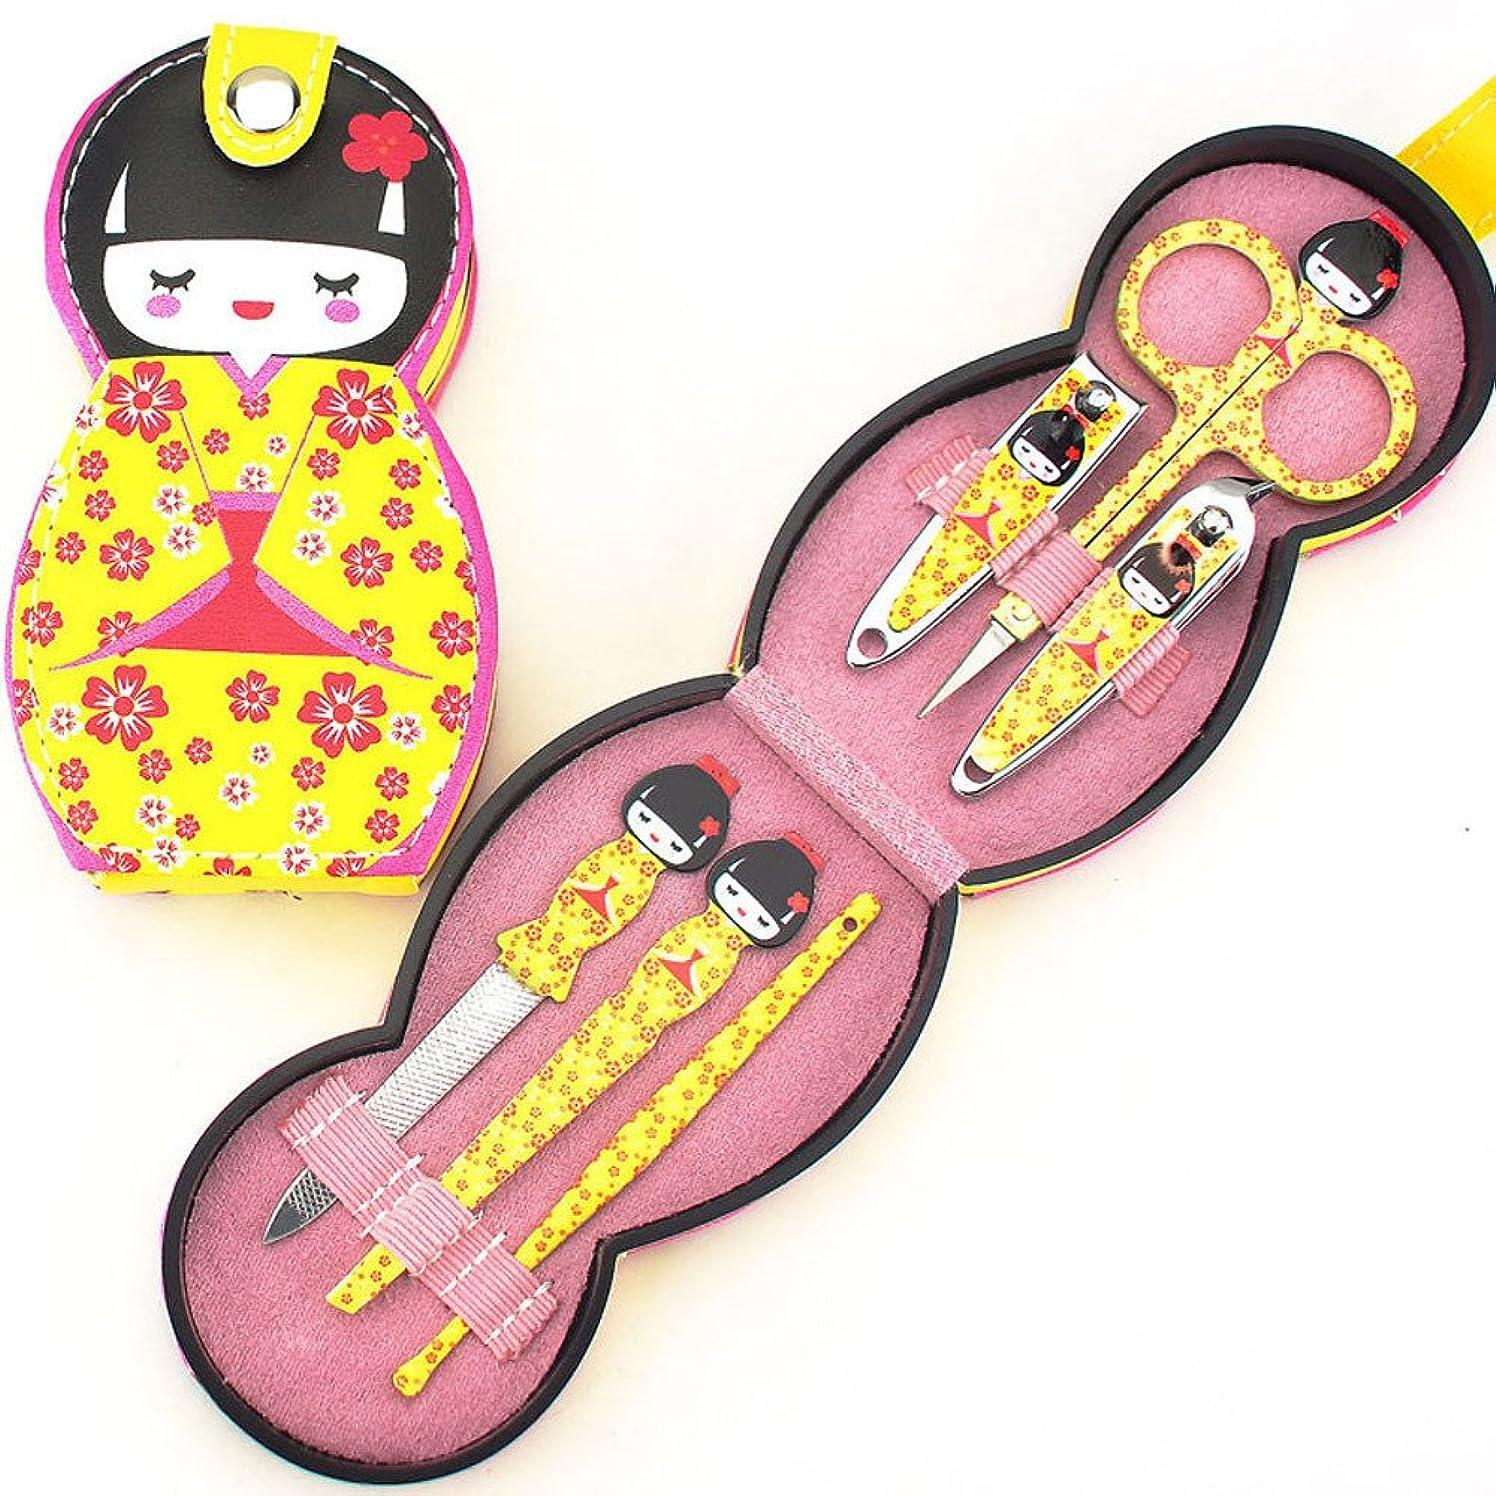 弱い素晴らしい良い多くの独占Zlianhui 6ピース日本人形ネイルケアセット、ネイルケアセット装飾ネイル美容セット旅行 (Yellow)